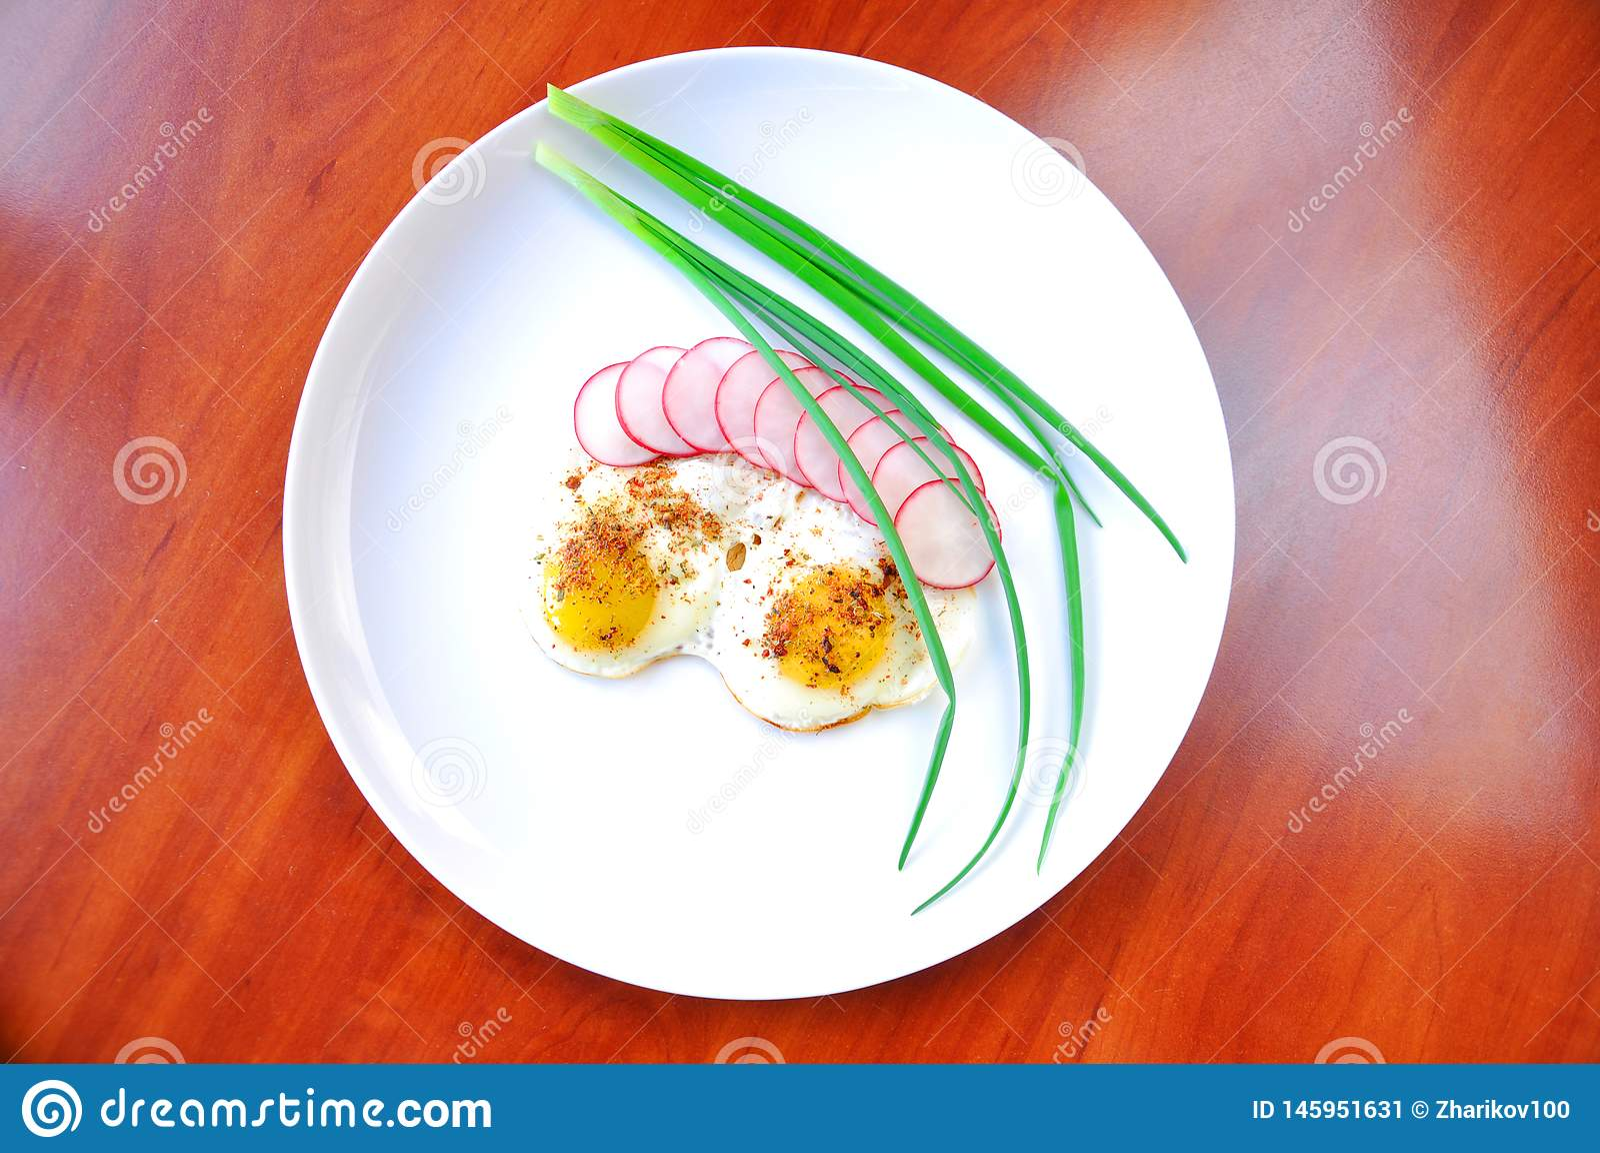 Smażyć rzodkwie w talerzu, jajka i cebule i